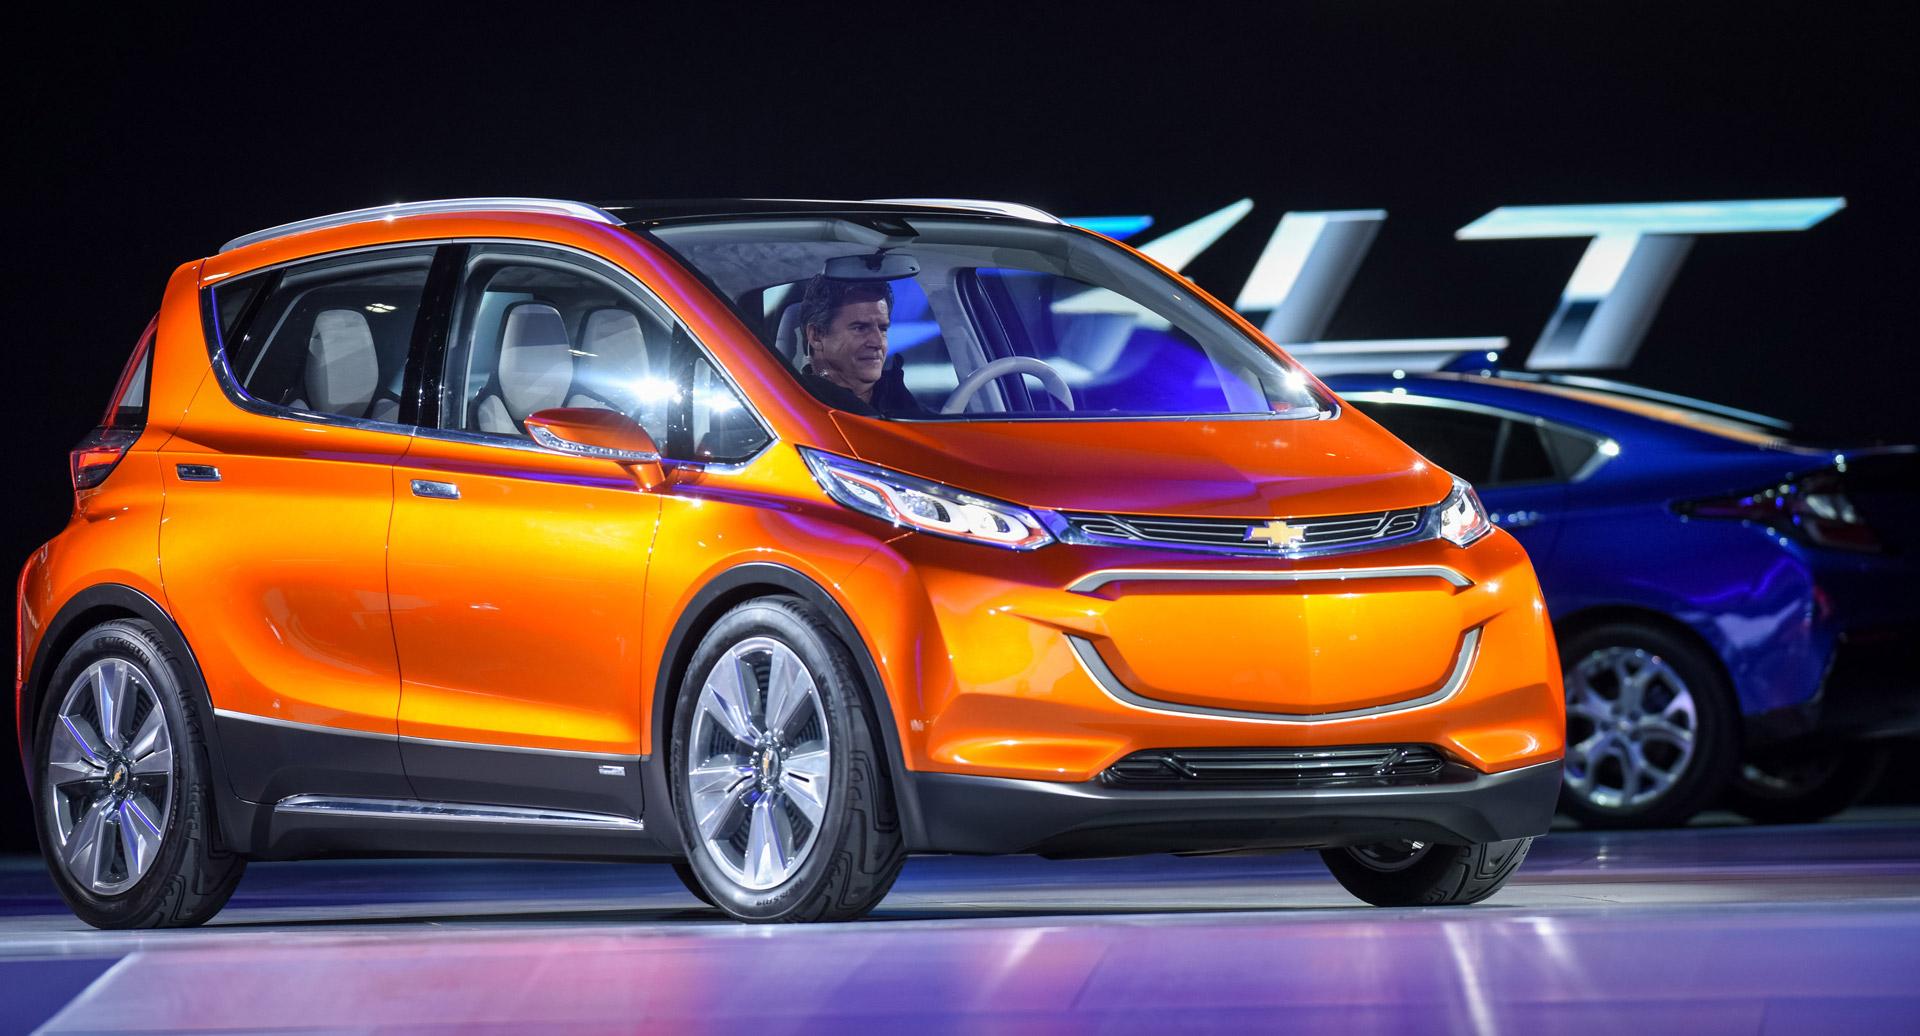 Detroit Auto Show 2015: Chevrolet ra mắt dòng xe điện Bolt